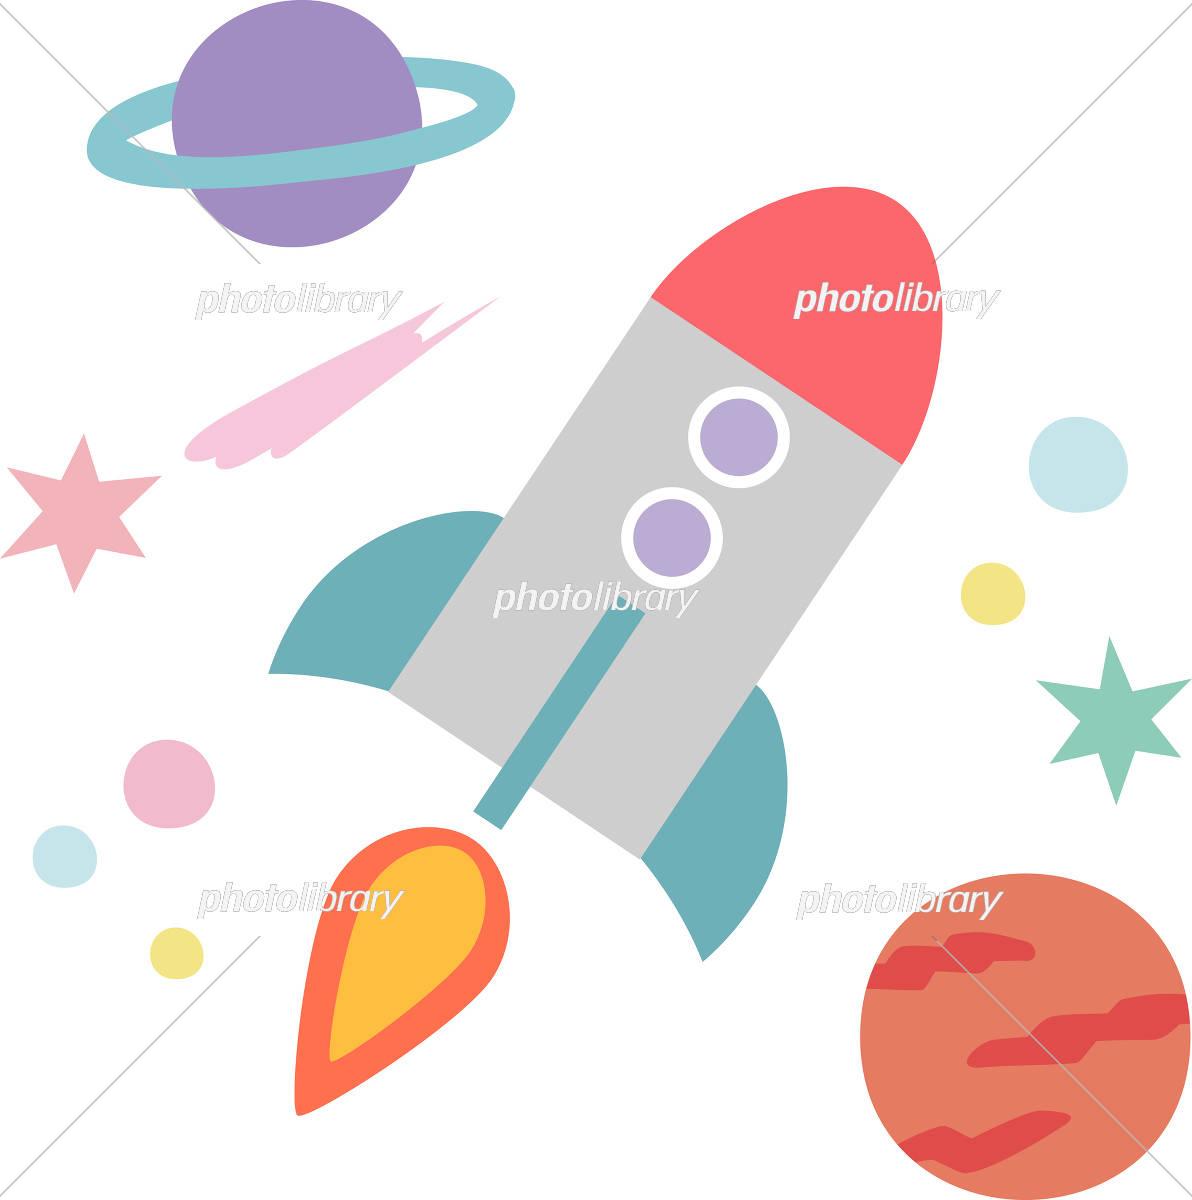 宇宙を飛ぶロケット イラスト素材 5437807 フォトライブラリー